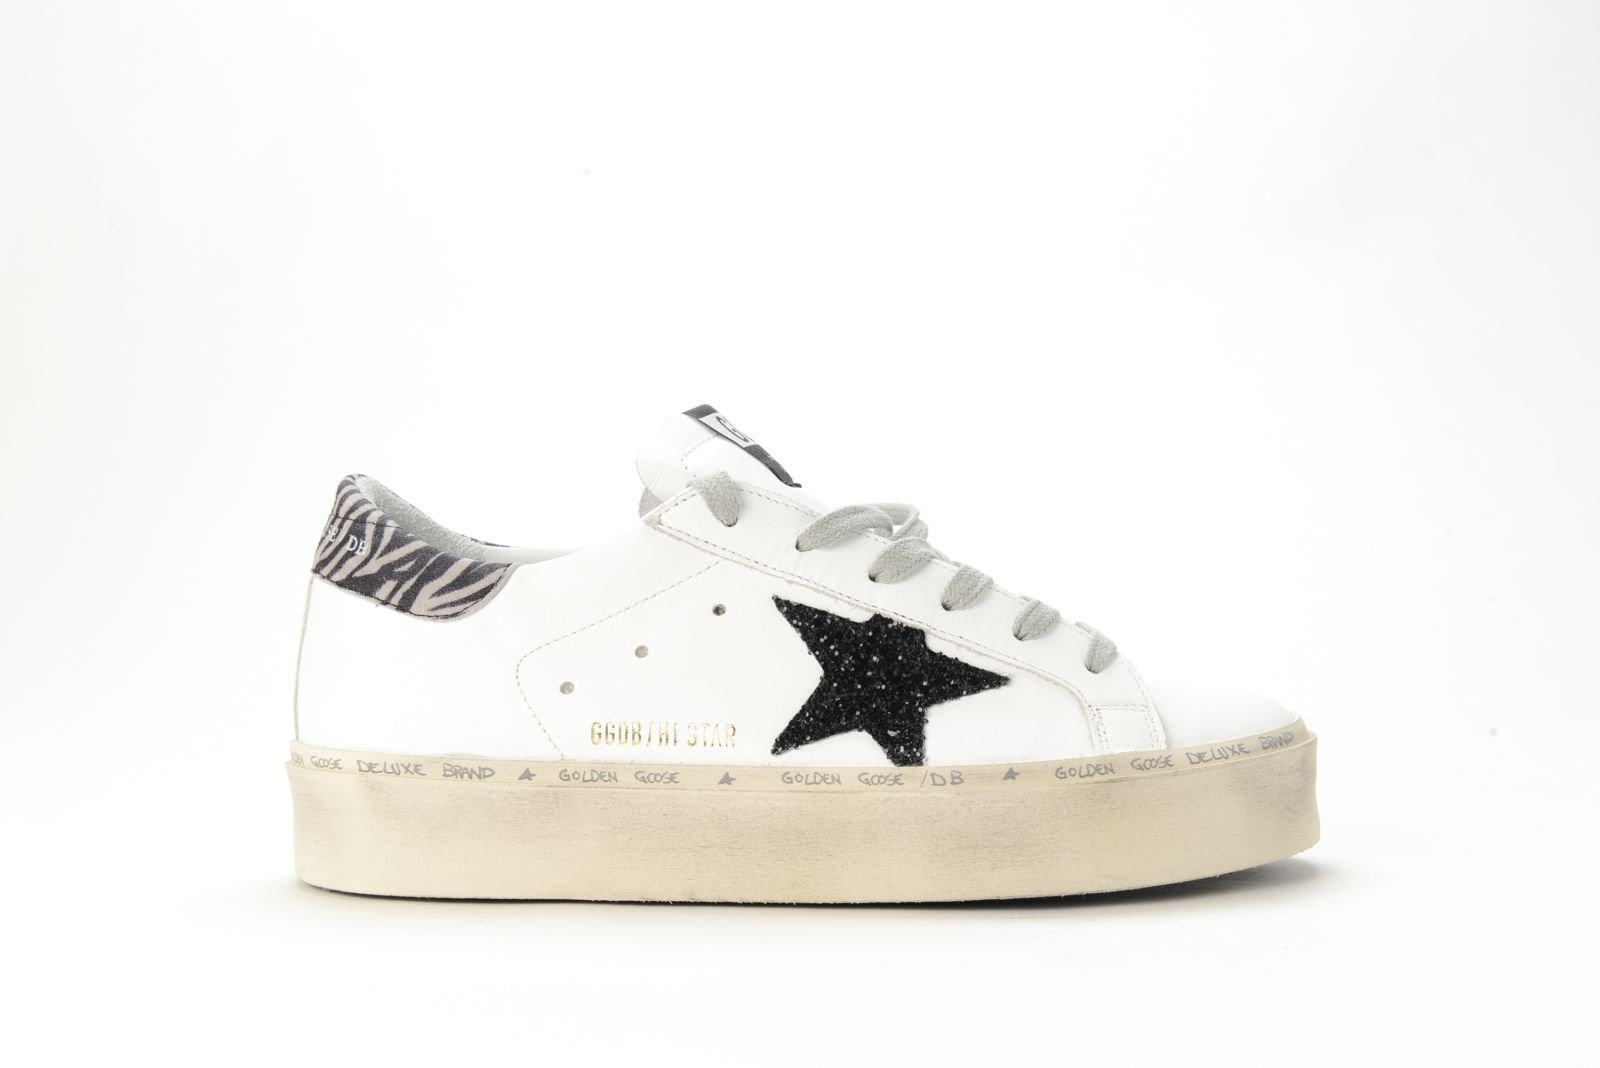 Golden Goose Deluxe Brand Hi Star Sneakers